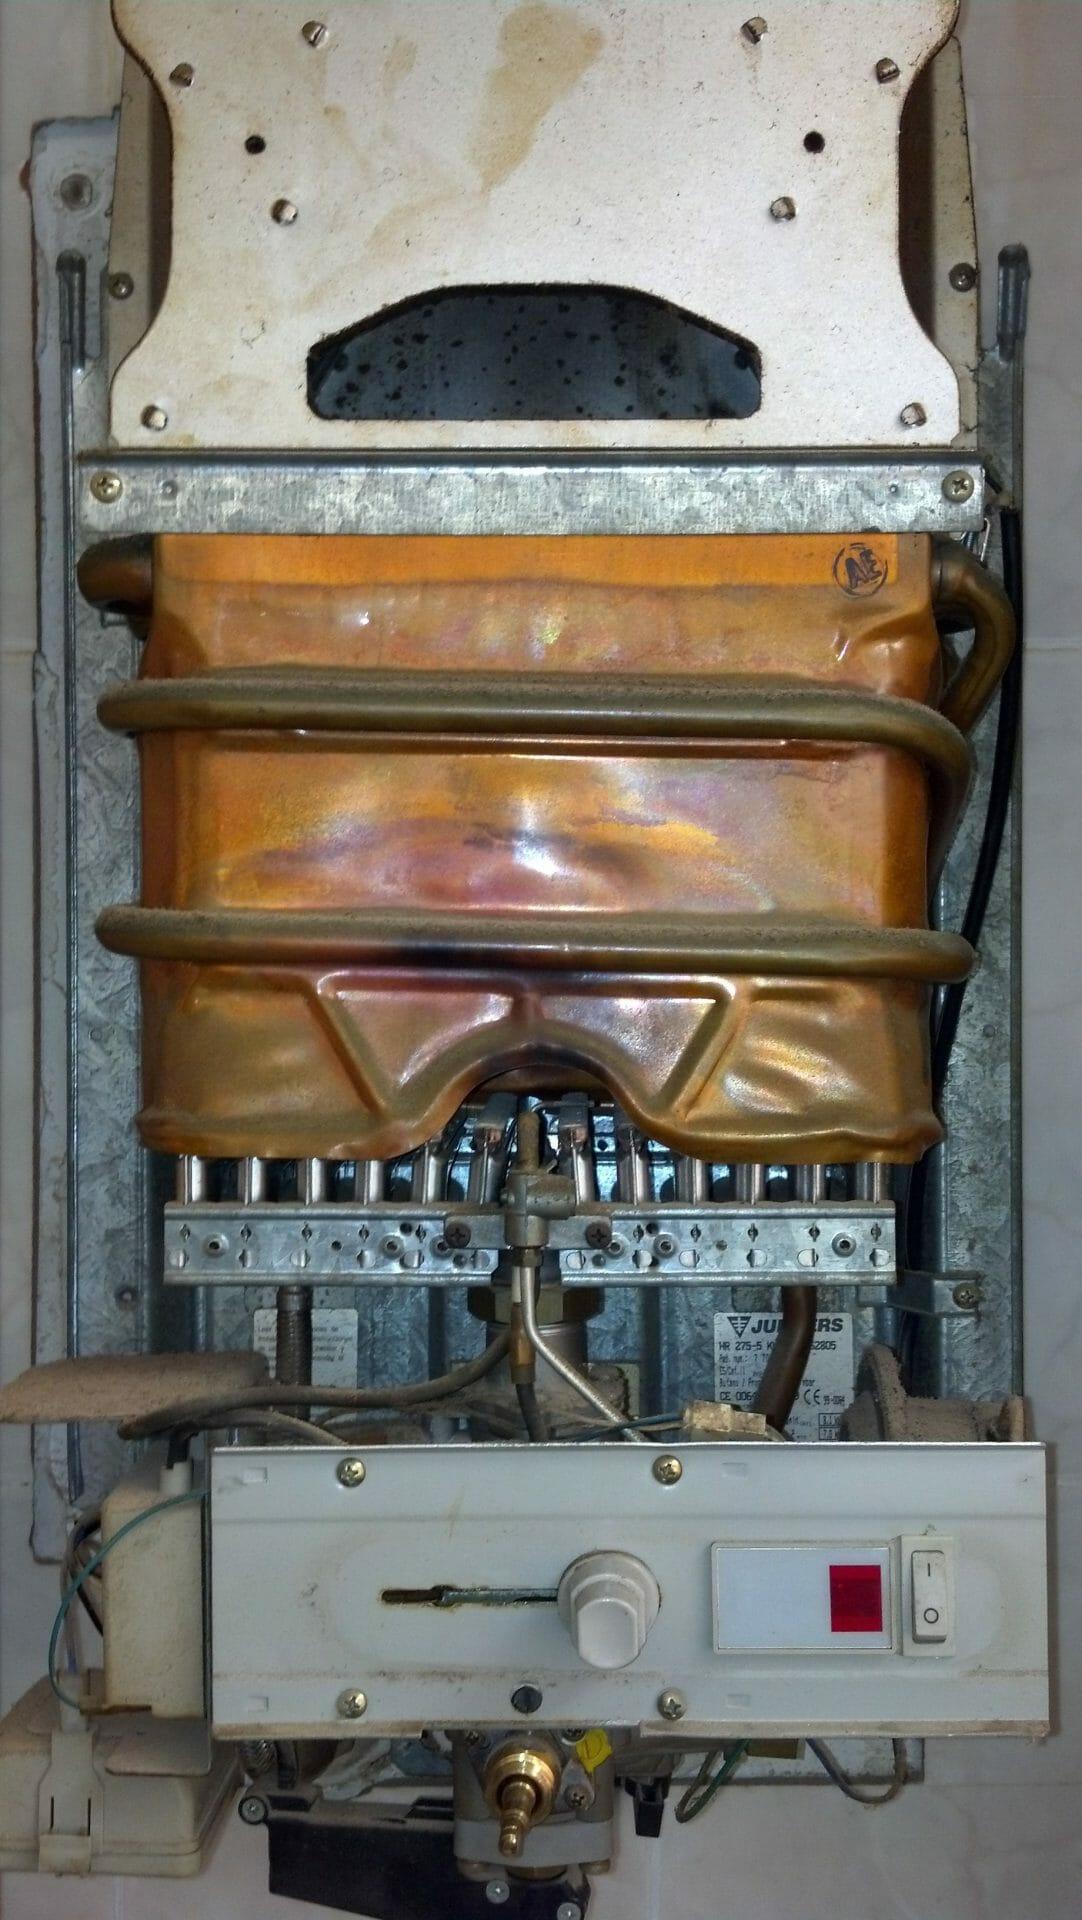 C mo saber por qu no enciende el calentador instant neo de gas - Calentadores de gas baratos ...